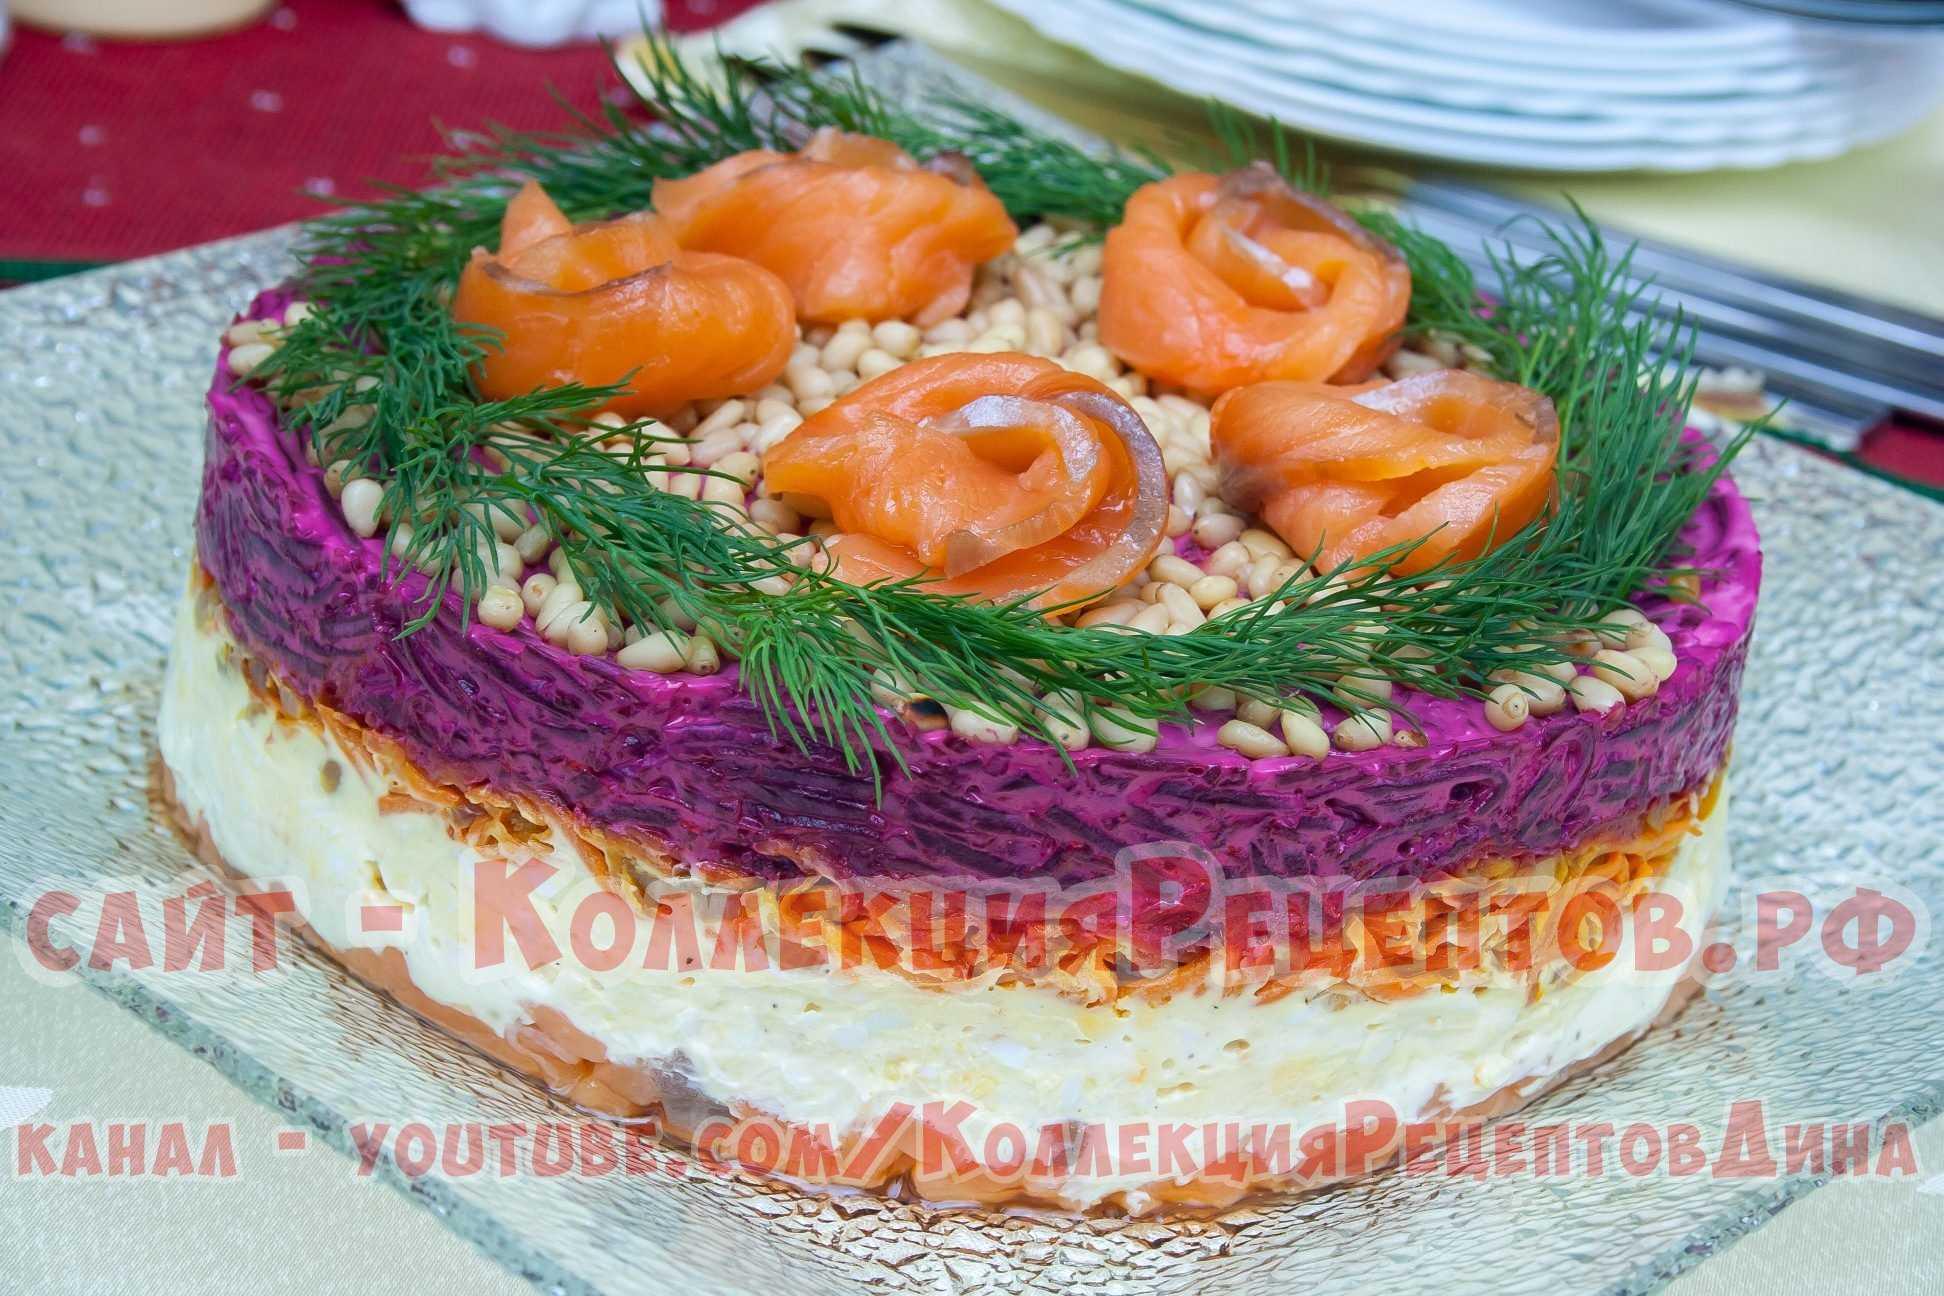 Семга под шубой классический рецепт слои. салат шуба с красной рыбой